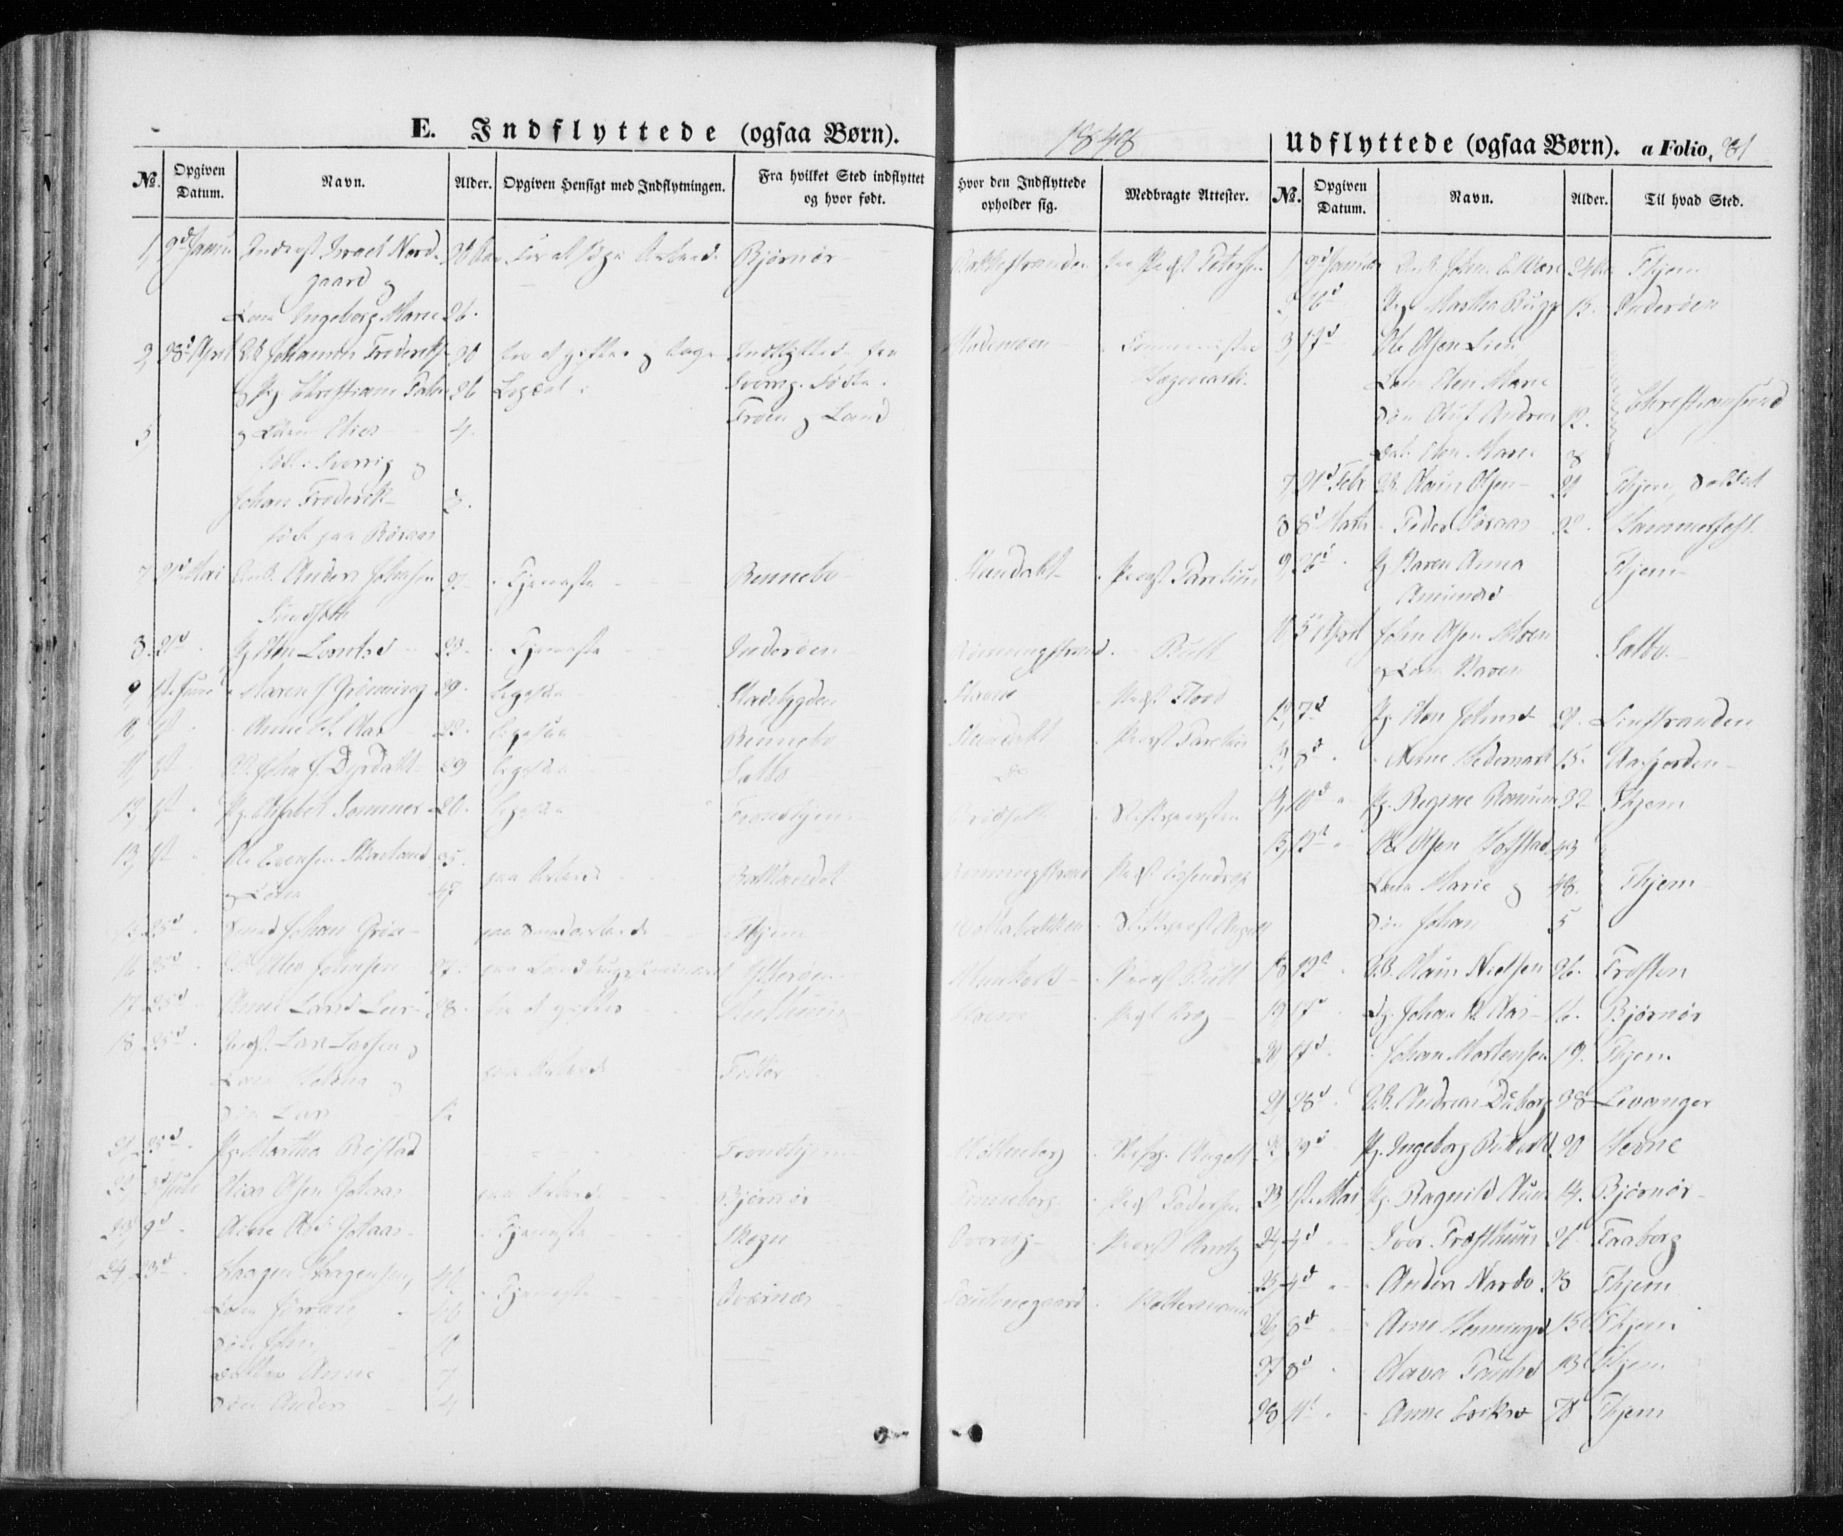 SAT, Ministerialprotokoller, klokkerbøker og fødselsregistre - Sør-Trøndelag, 606/L0291: Ministerialbok nr. 606A06, 1848-1856, s. 281